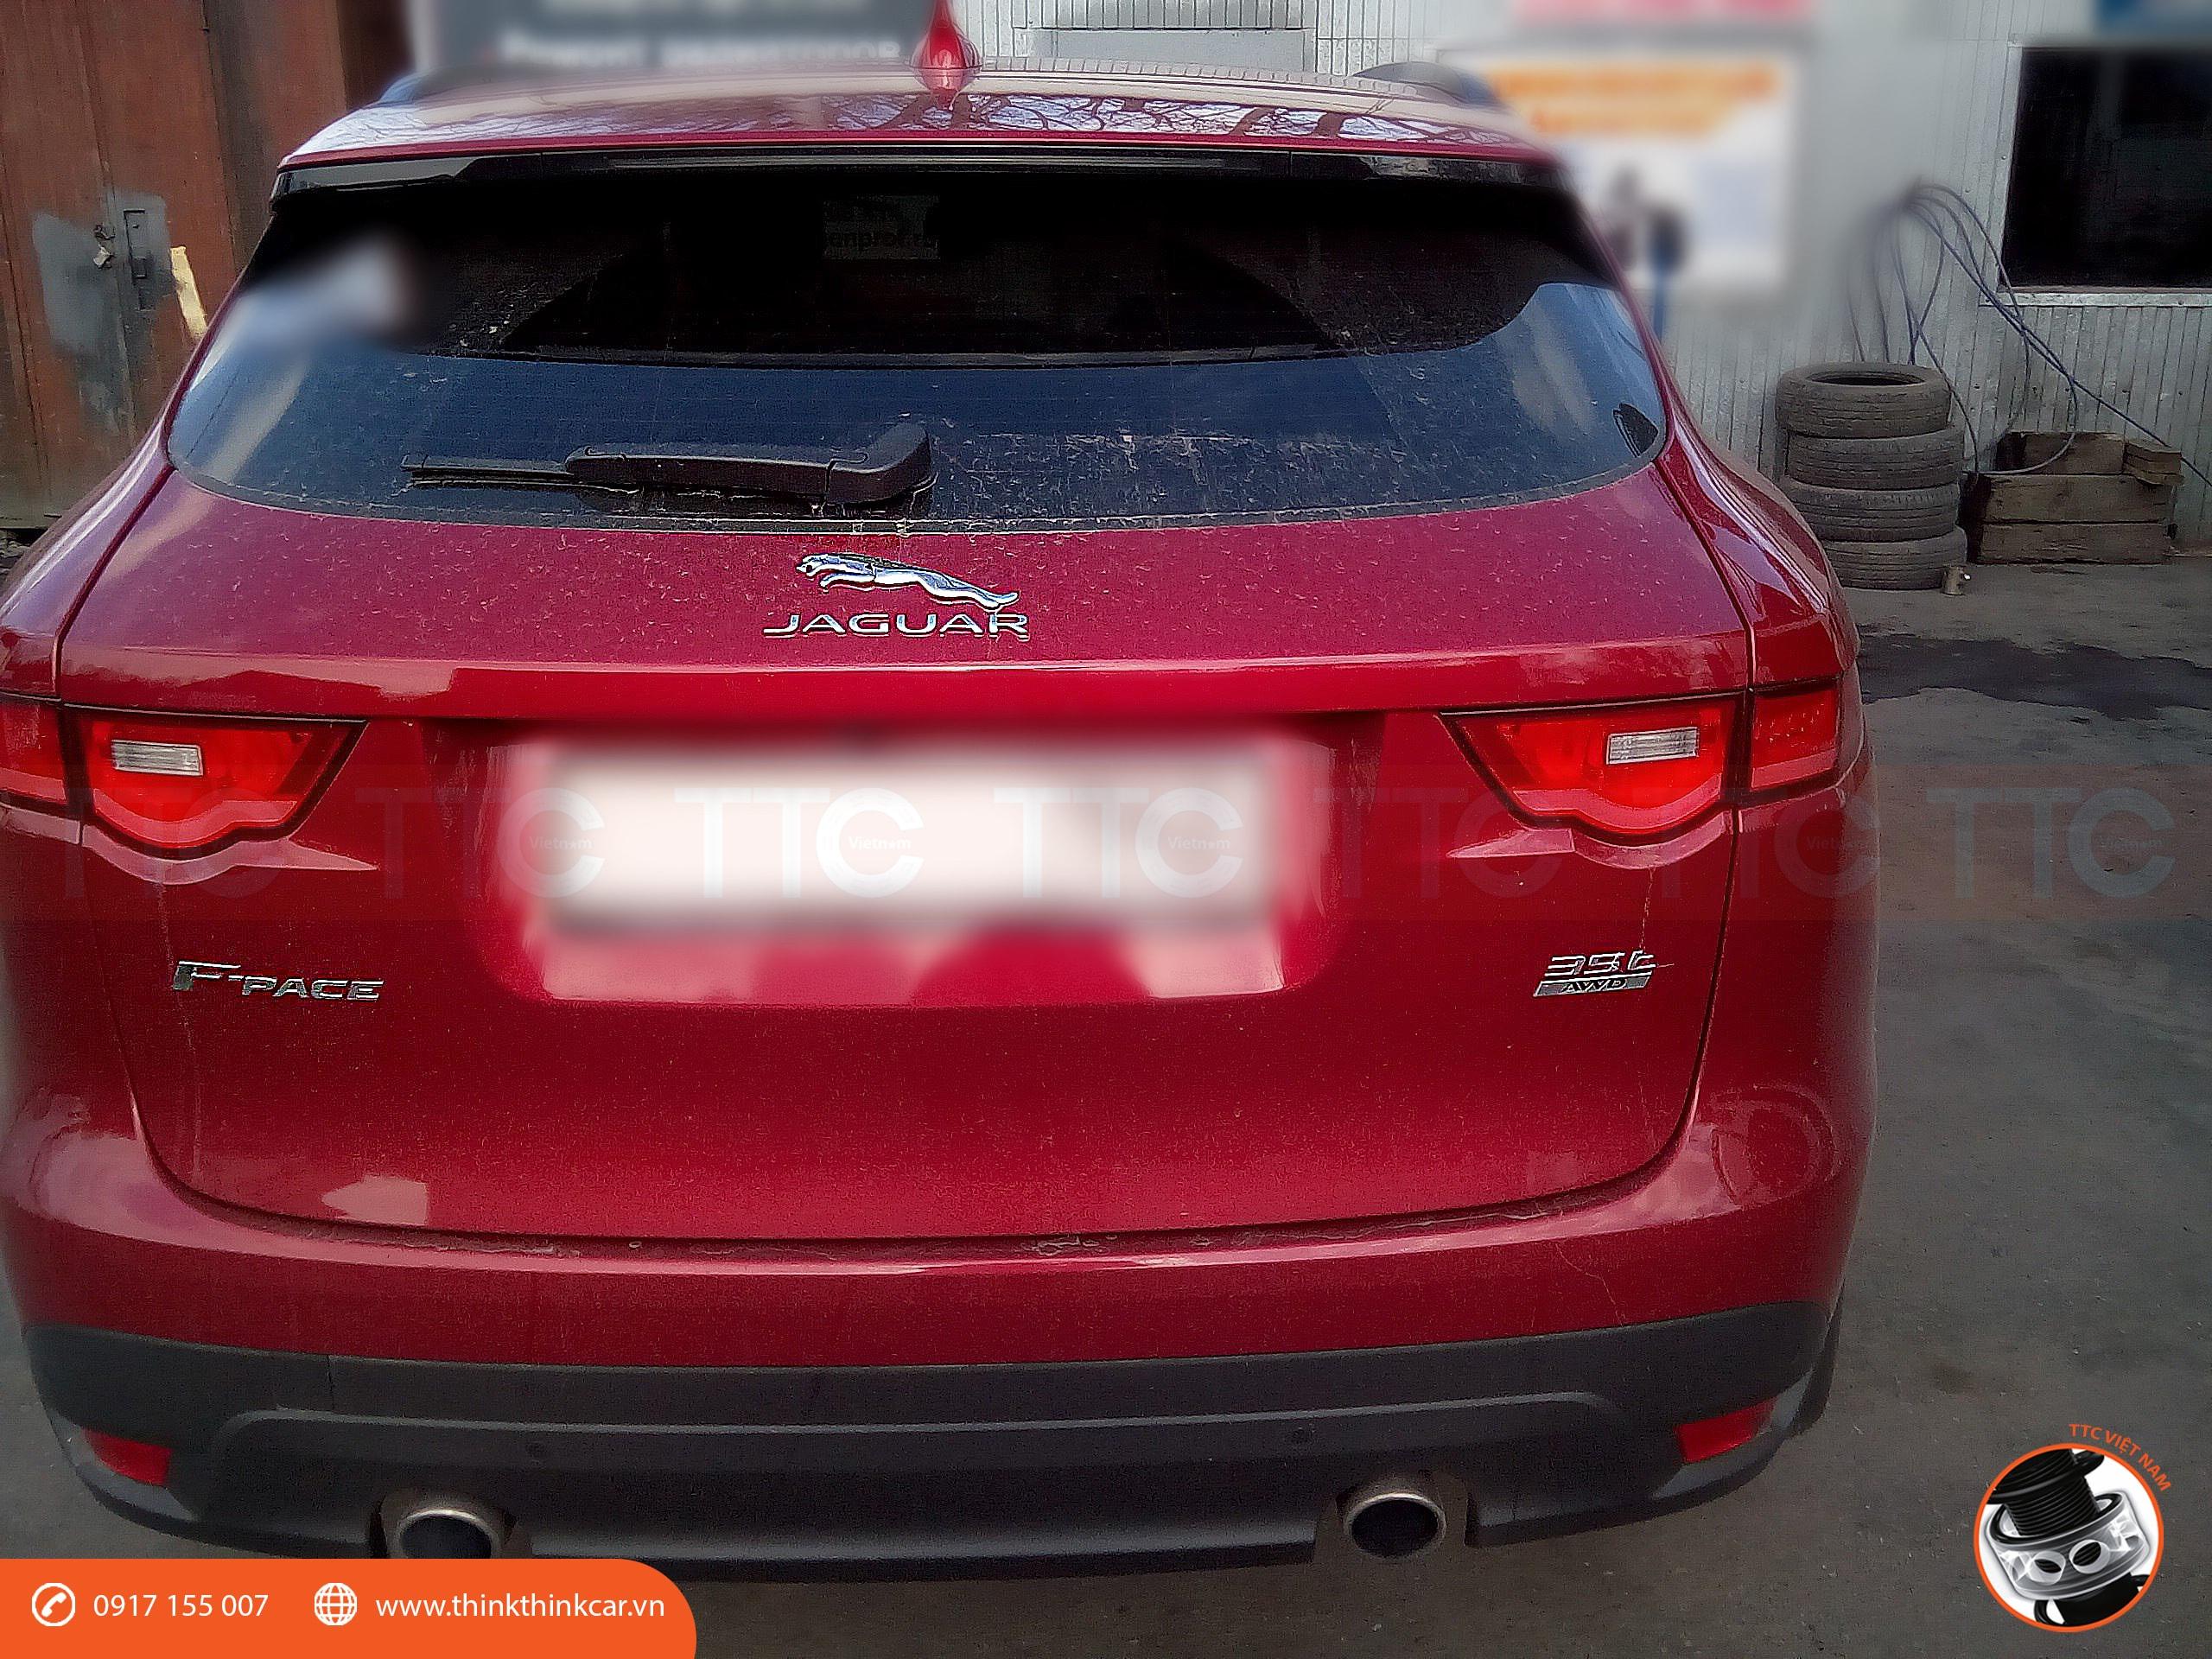 Jaguar F-Pace 2017 và đệm giảm chấn TTC Urethane